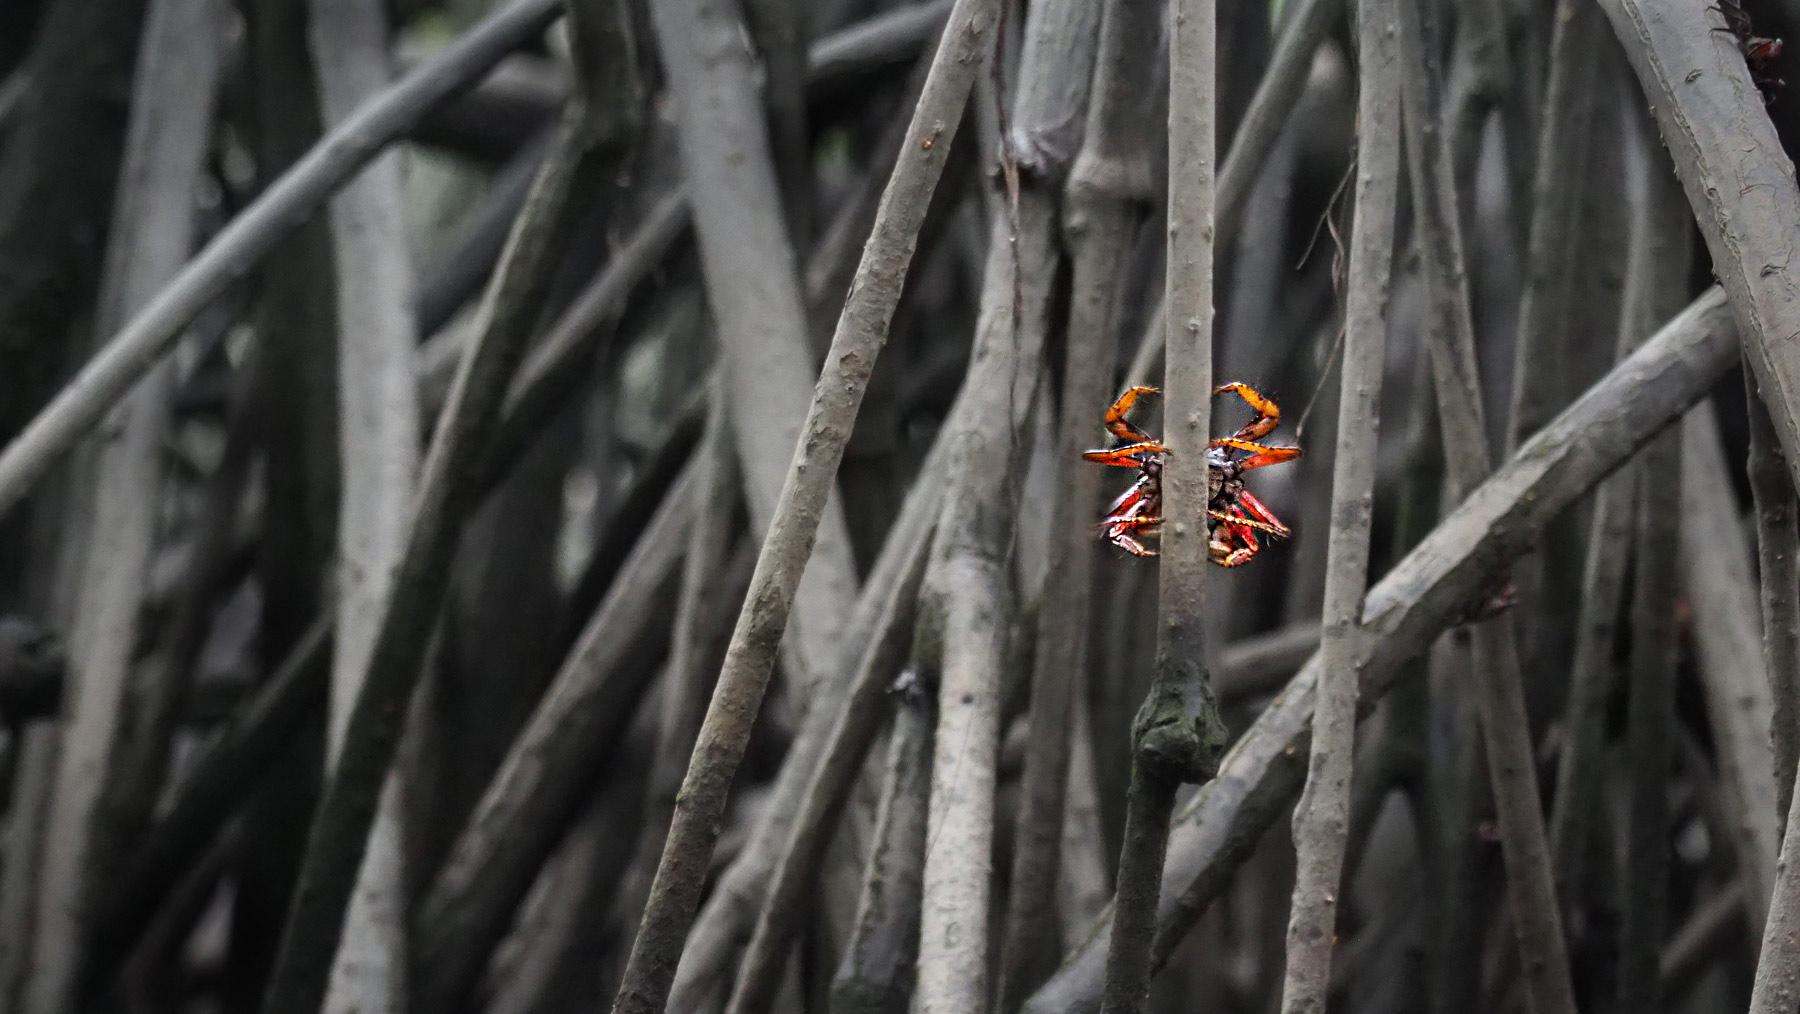 …und vielen roten Krabben. Diese hier versteckt sich vor uns